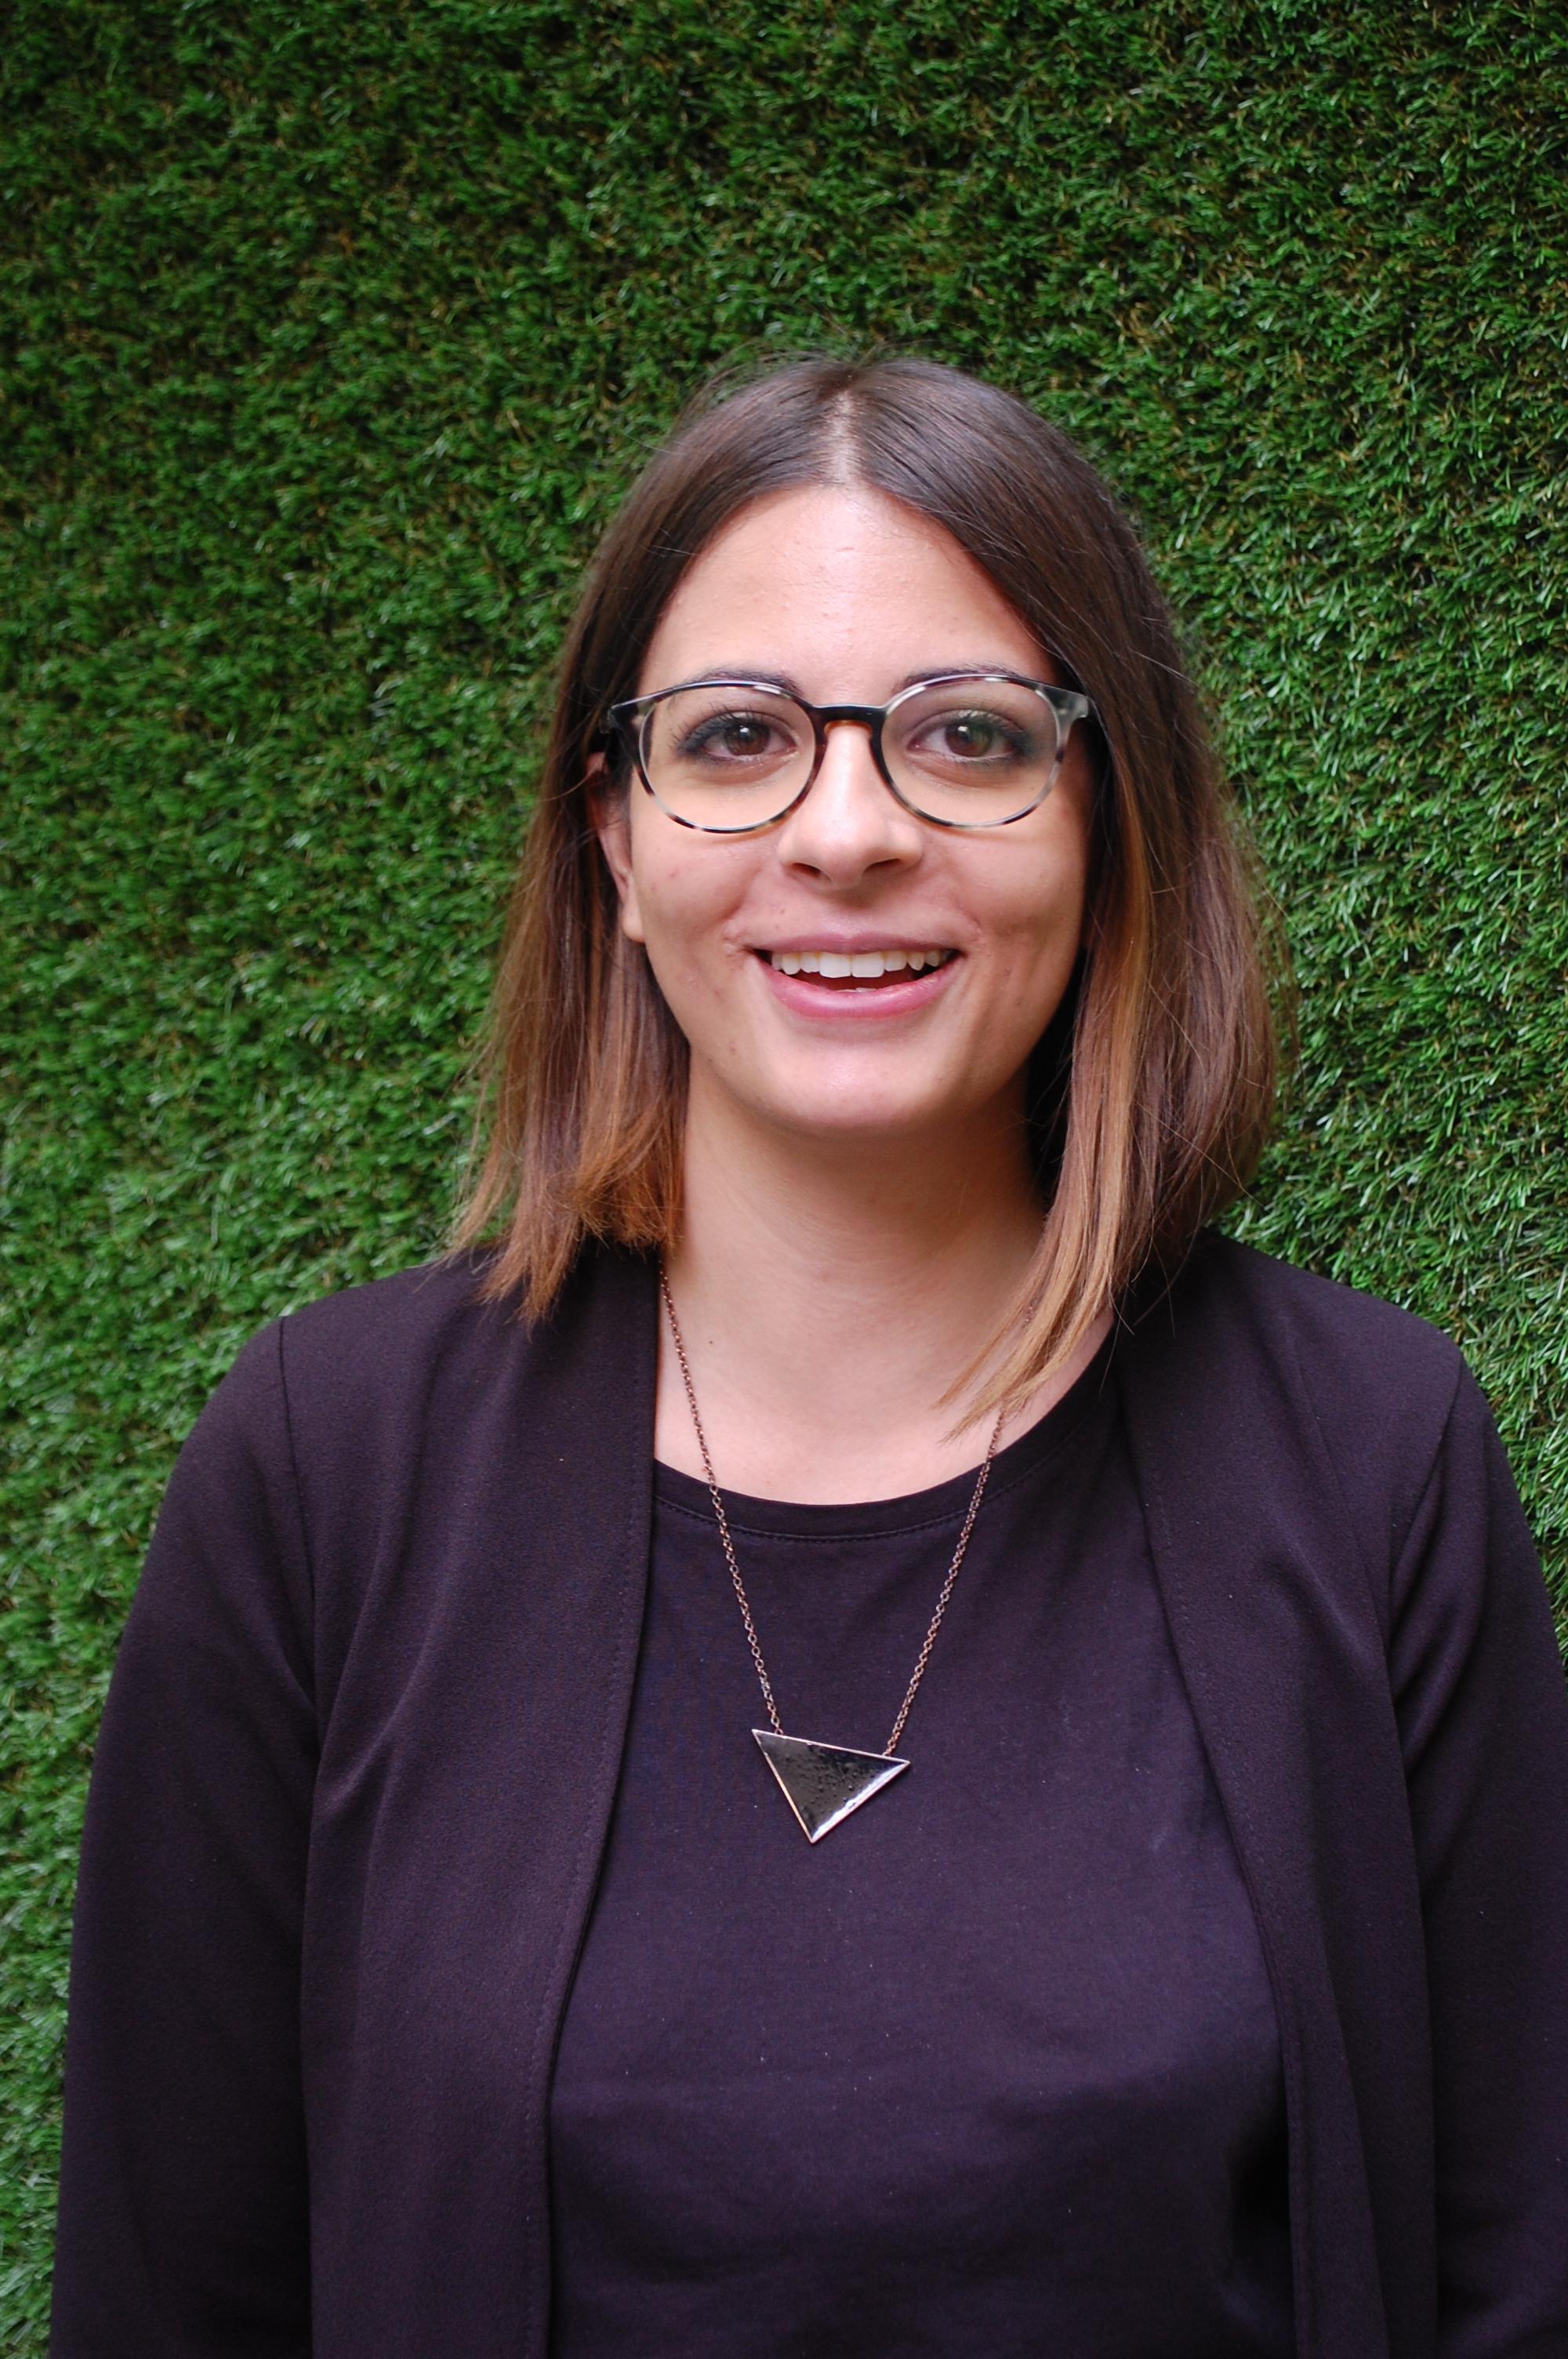 Erica Boncaldo Architect